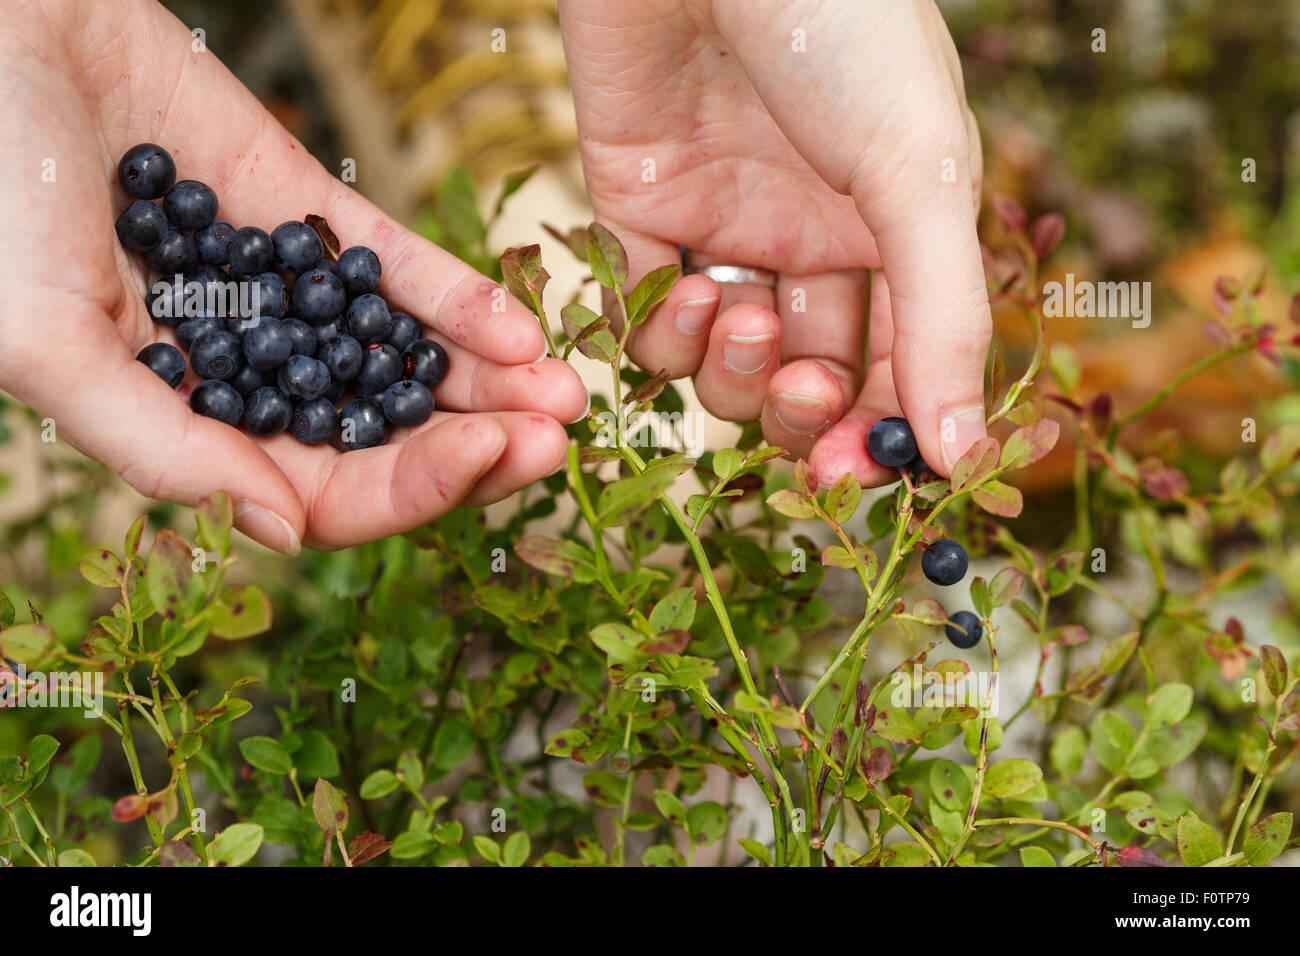 Heidelbeeren pflücken. Frau nördliche Waldbeeren sammeln. Zupfen. Stockfoto